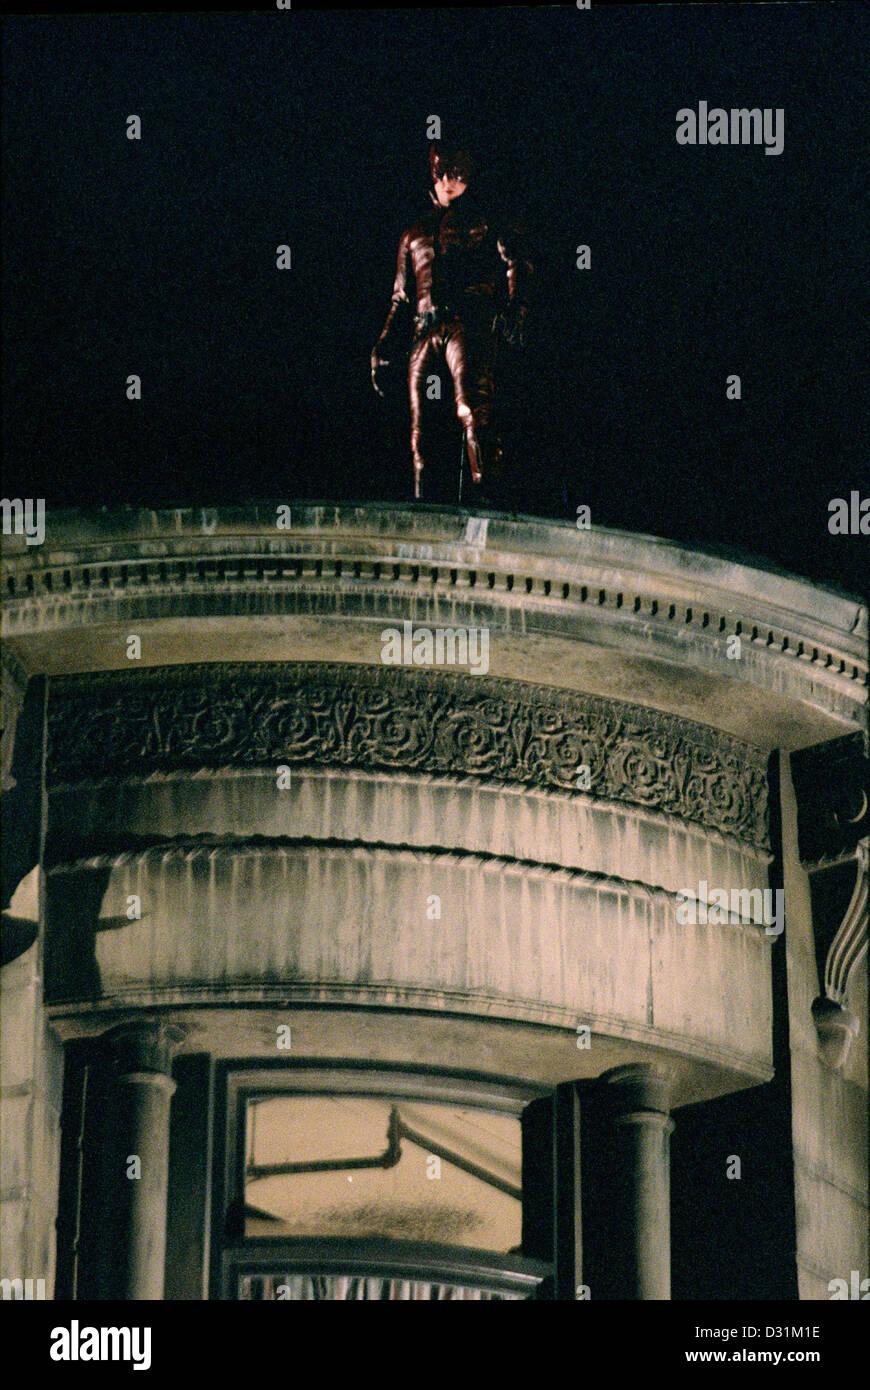 Daredevil - Stock Image